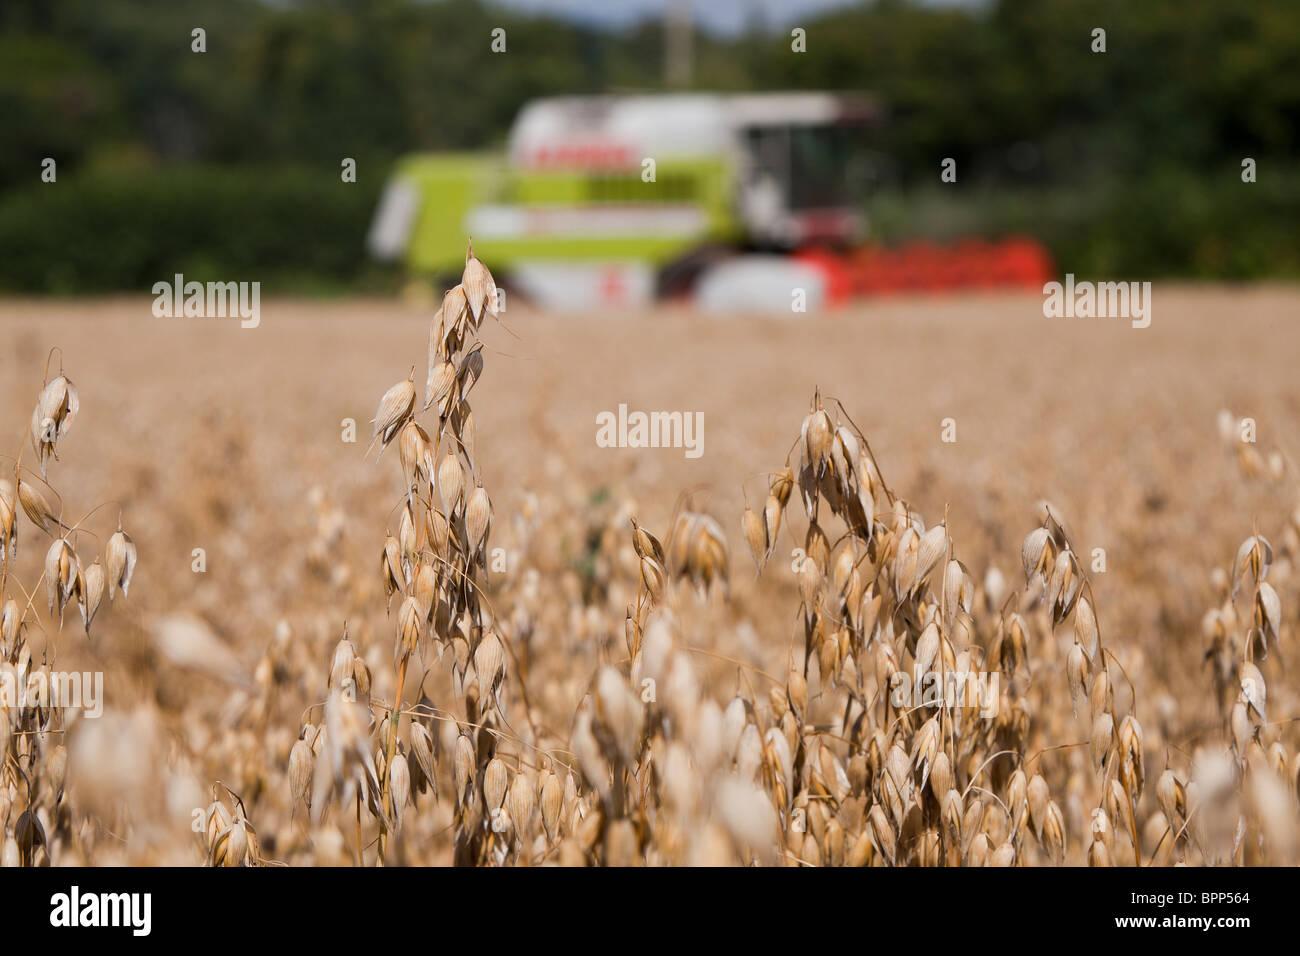 De plus en plus de l'avoine dans le champ dans le Gloucestershire, Angleterre Royaume-uni moissonneuse-batteuse Photo Stock